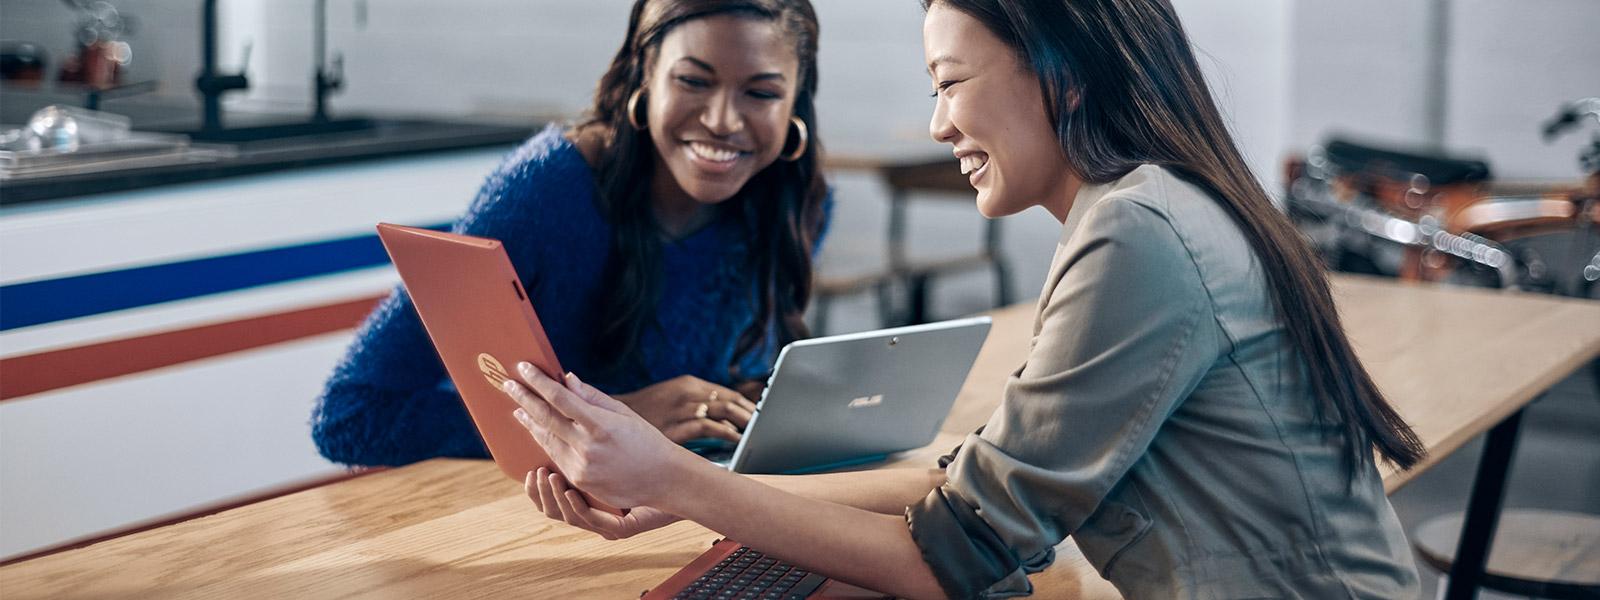 Δύο γυναίκες κάθονται σε τραπέζι και κοιτούν την οθόνη tablet που κρατάει η μία γυναίκα